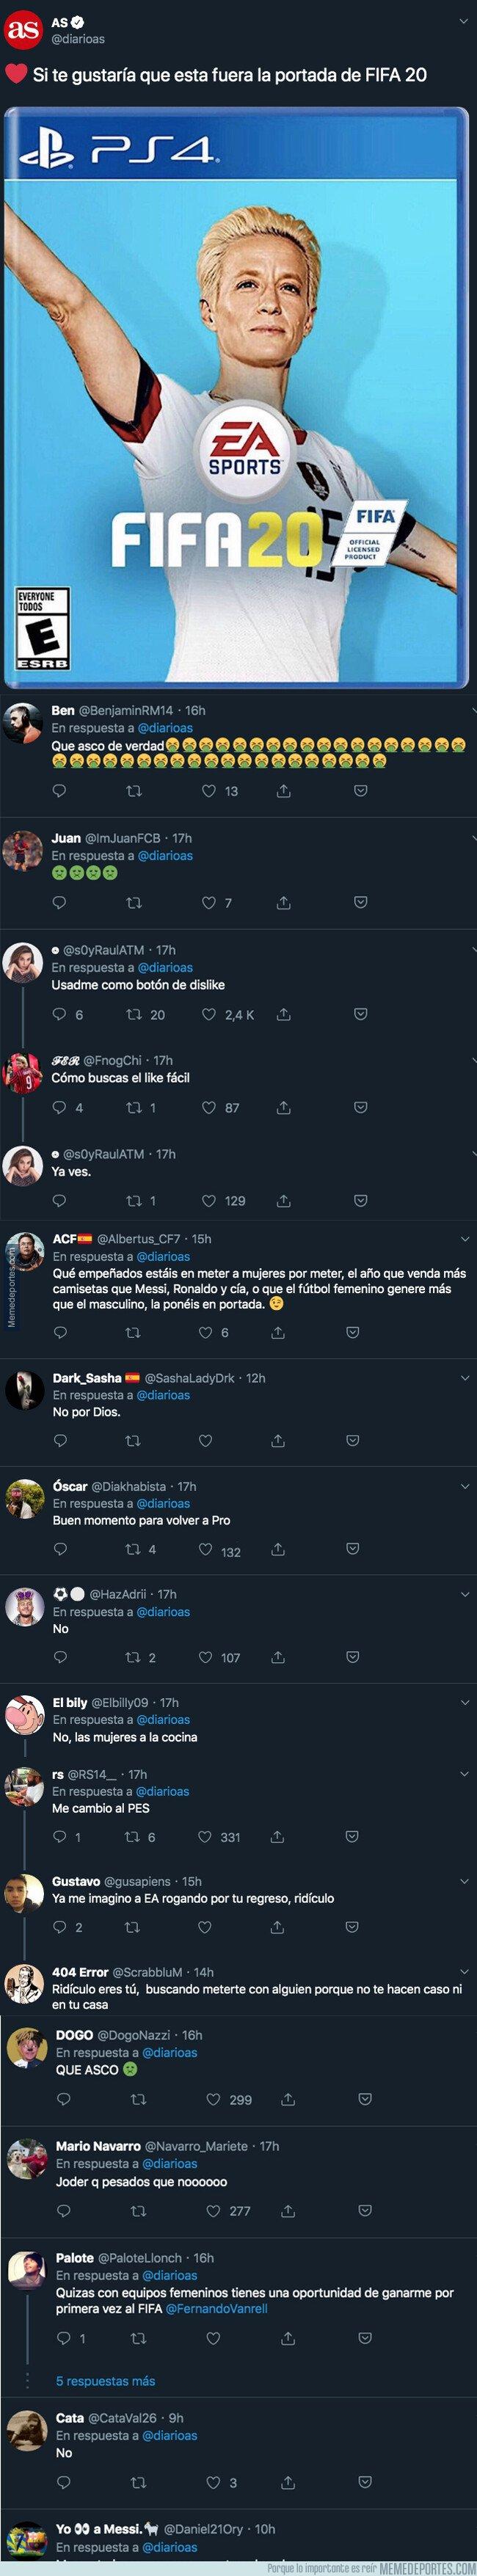 1082019 - El diario 'AS' pregunta si quieren a Rapinoe como portada del FIFA 20 y están recibiendo todos estos repugnantes comentarios